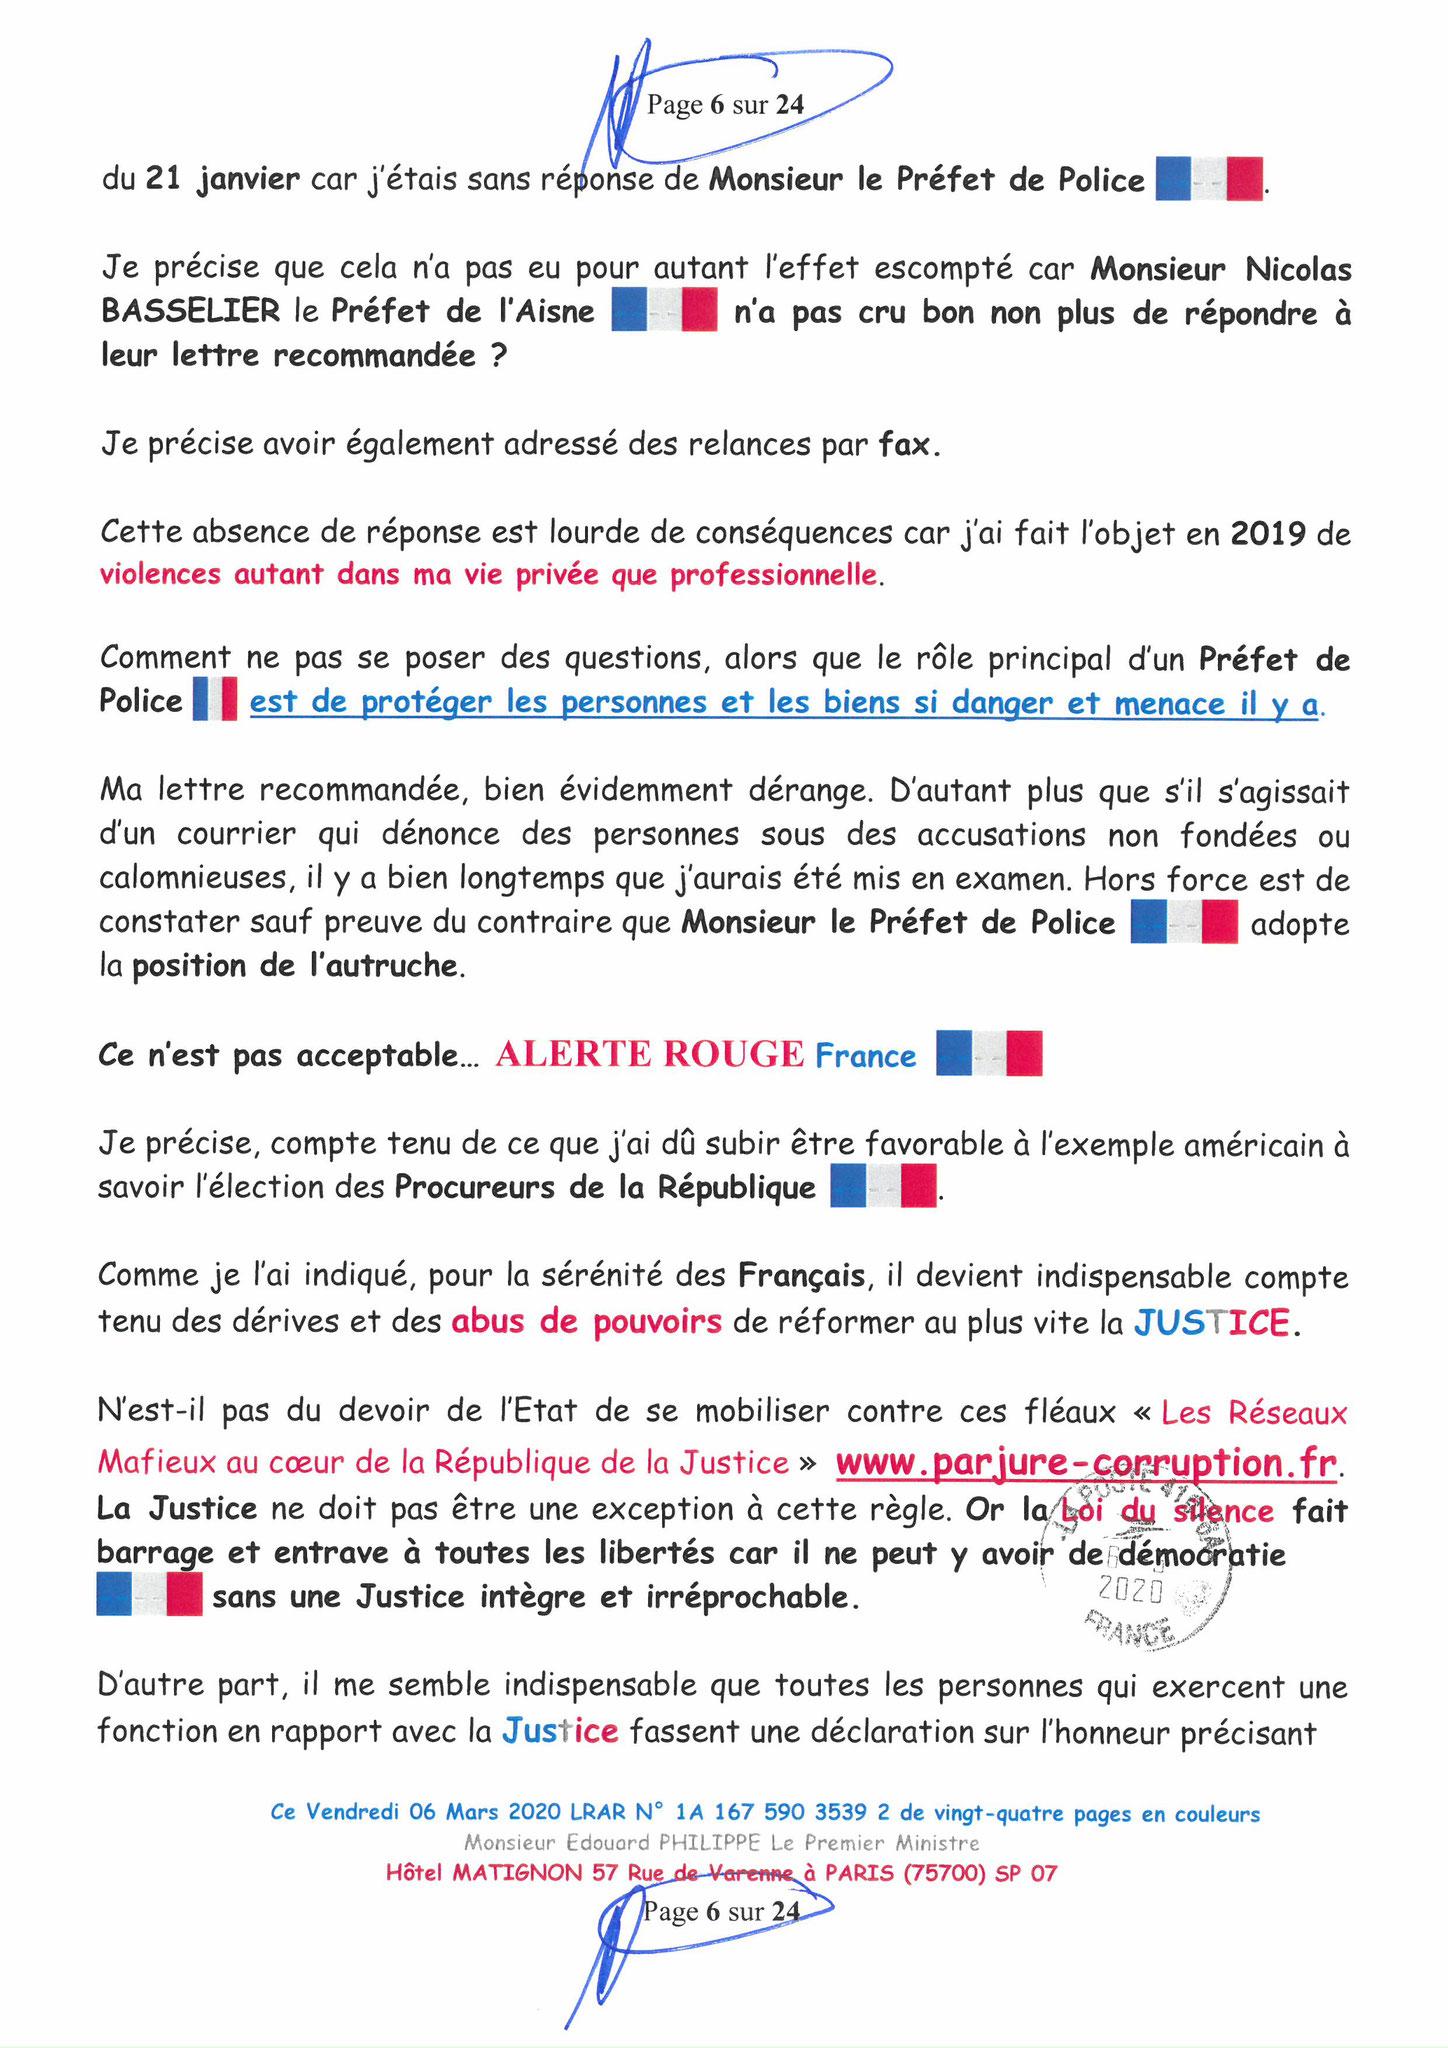 Ma LRAR à Monsieur le  Premier Ministre Edouard PHILIPPE N° 1A 167 590 3539 2 Page 6 sur 24 en Couleur du 06 Mars 2020  www.jesuispatrick.fr www.jesuisvictime.fr www.alerte-rouge-france.fr